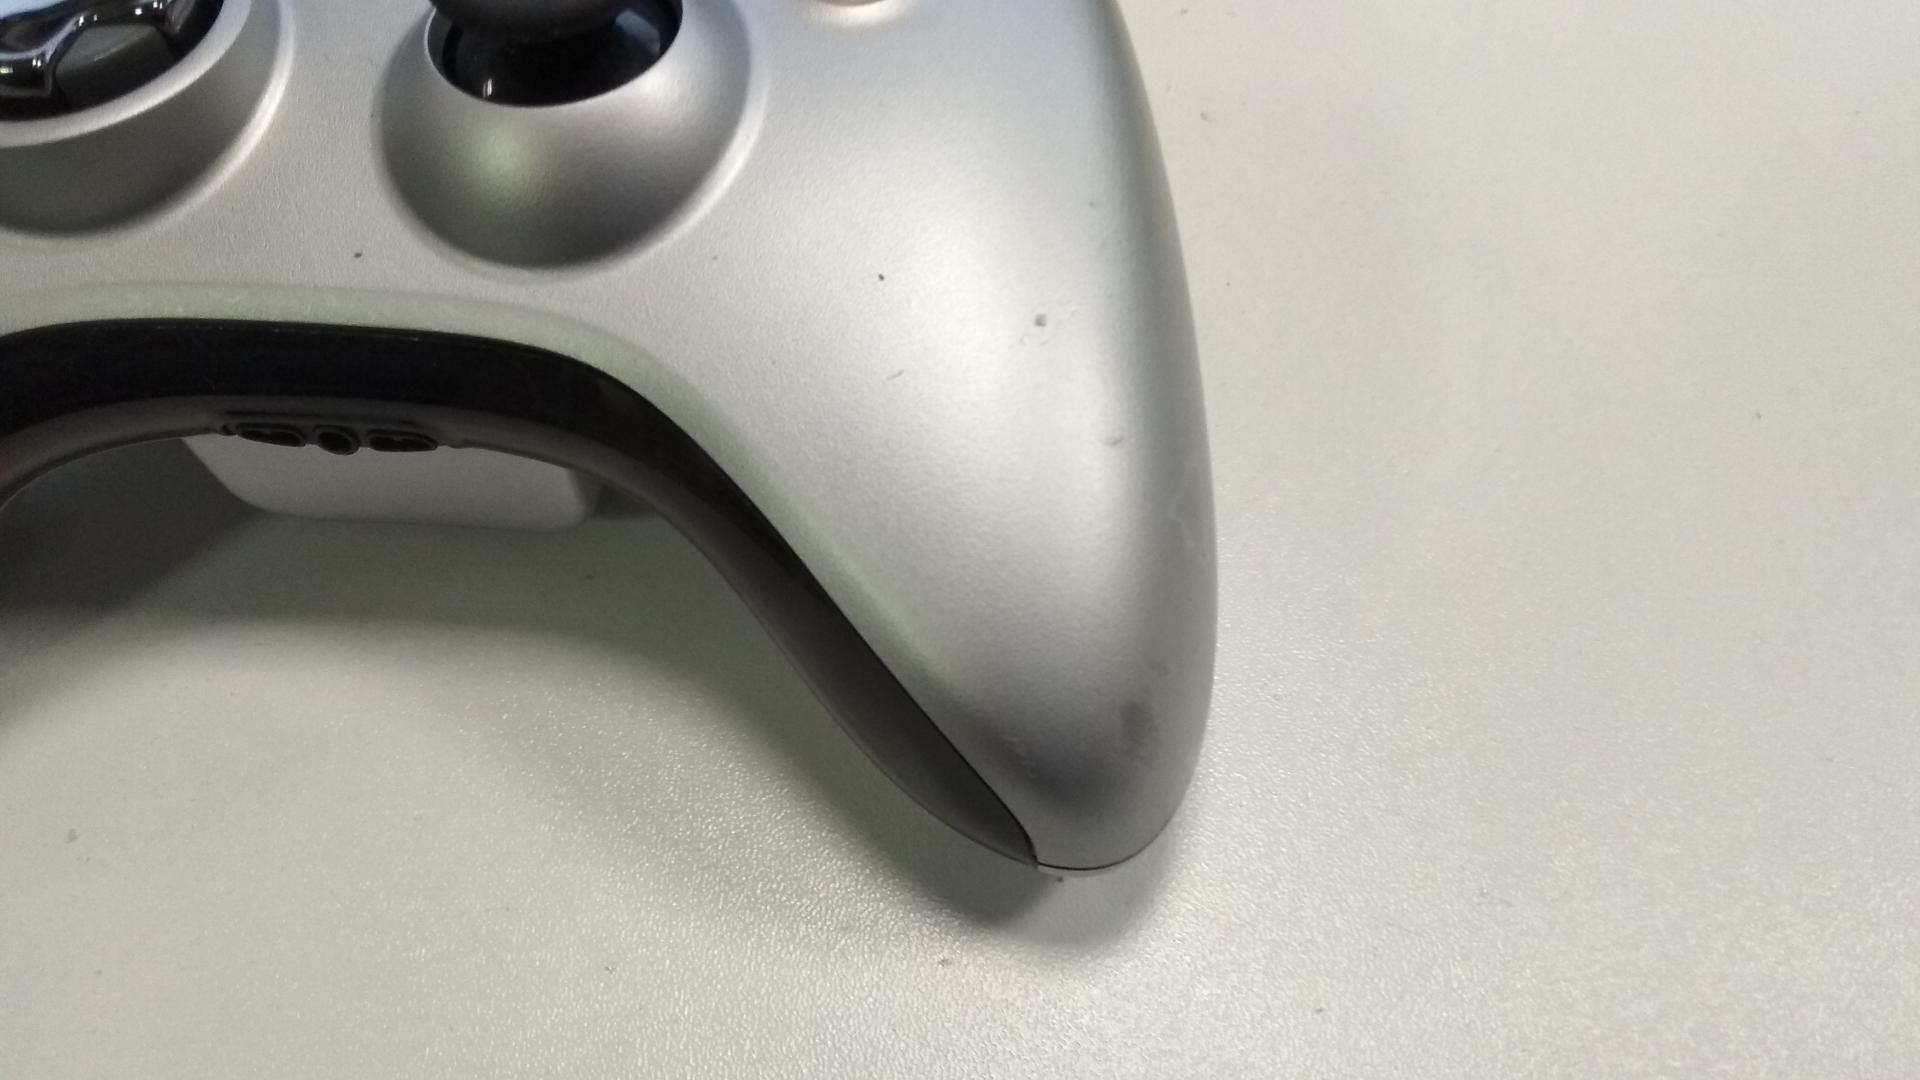 [Xbox 360] Bezdrátový Ovladač Microsoft - stříbrný (estetická vada)